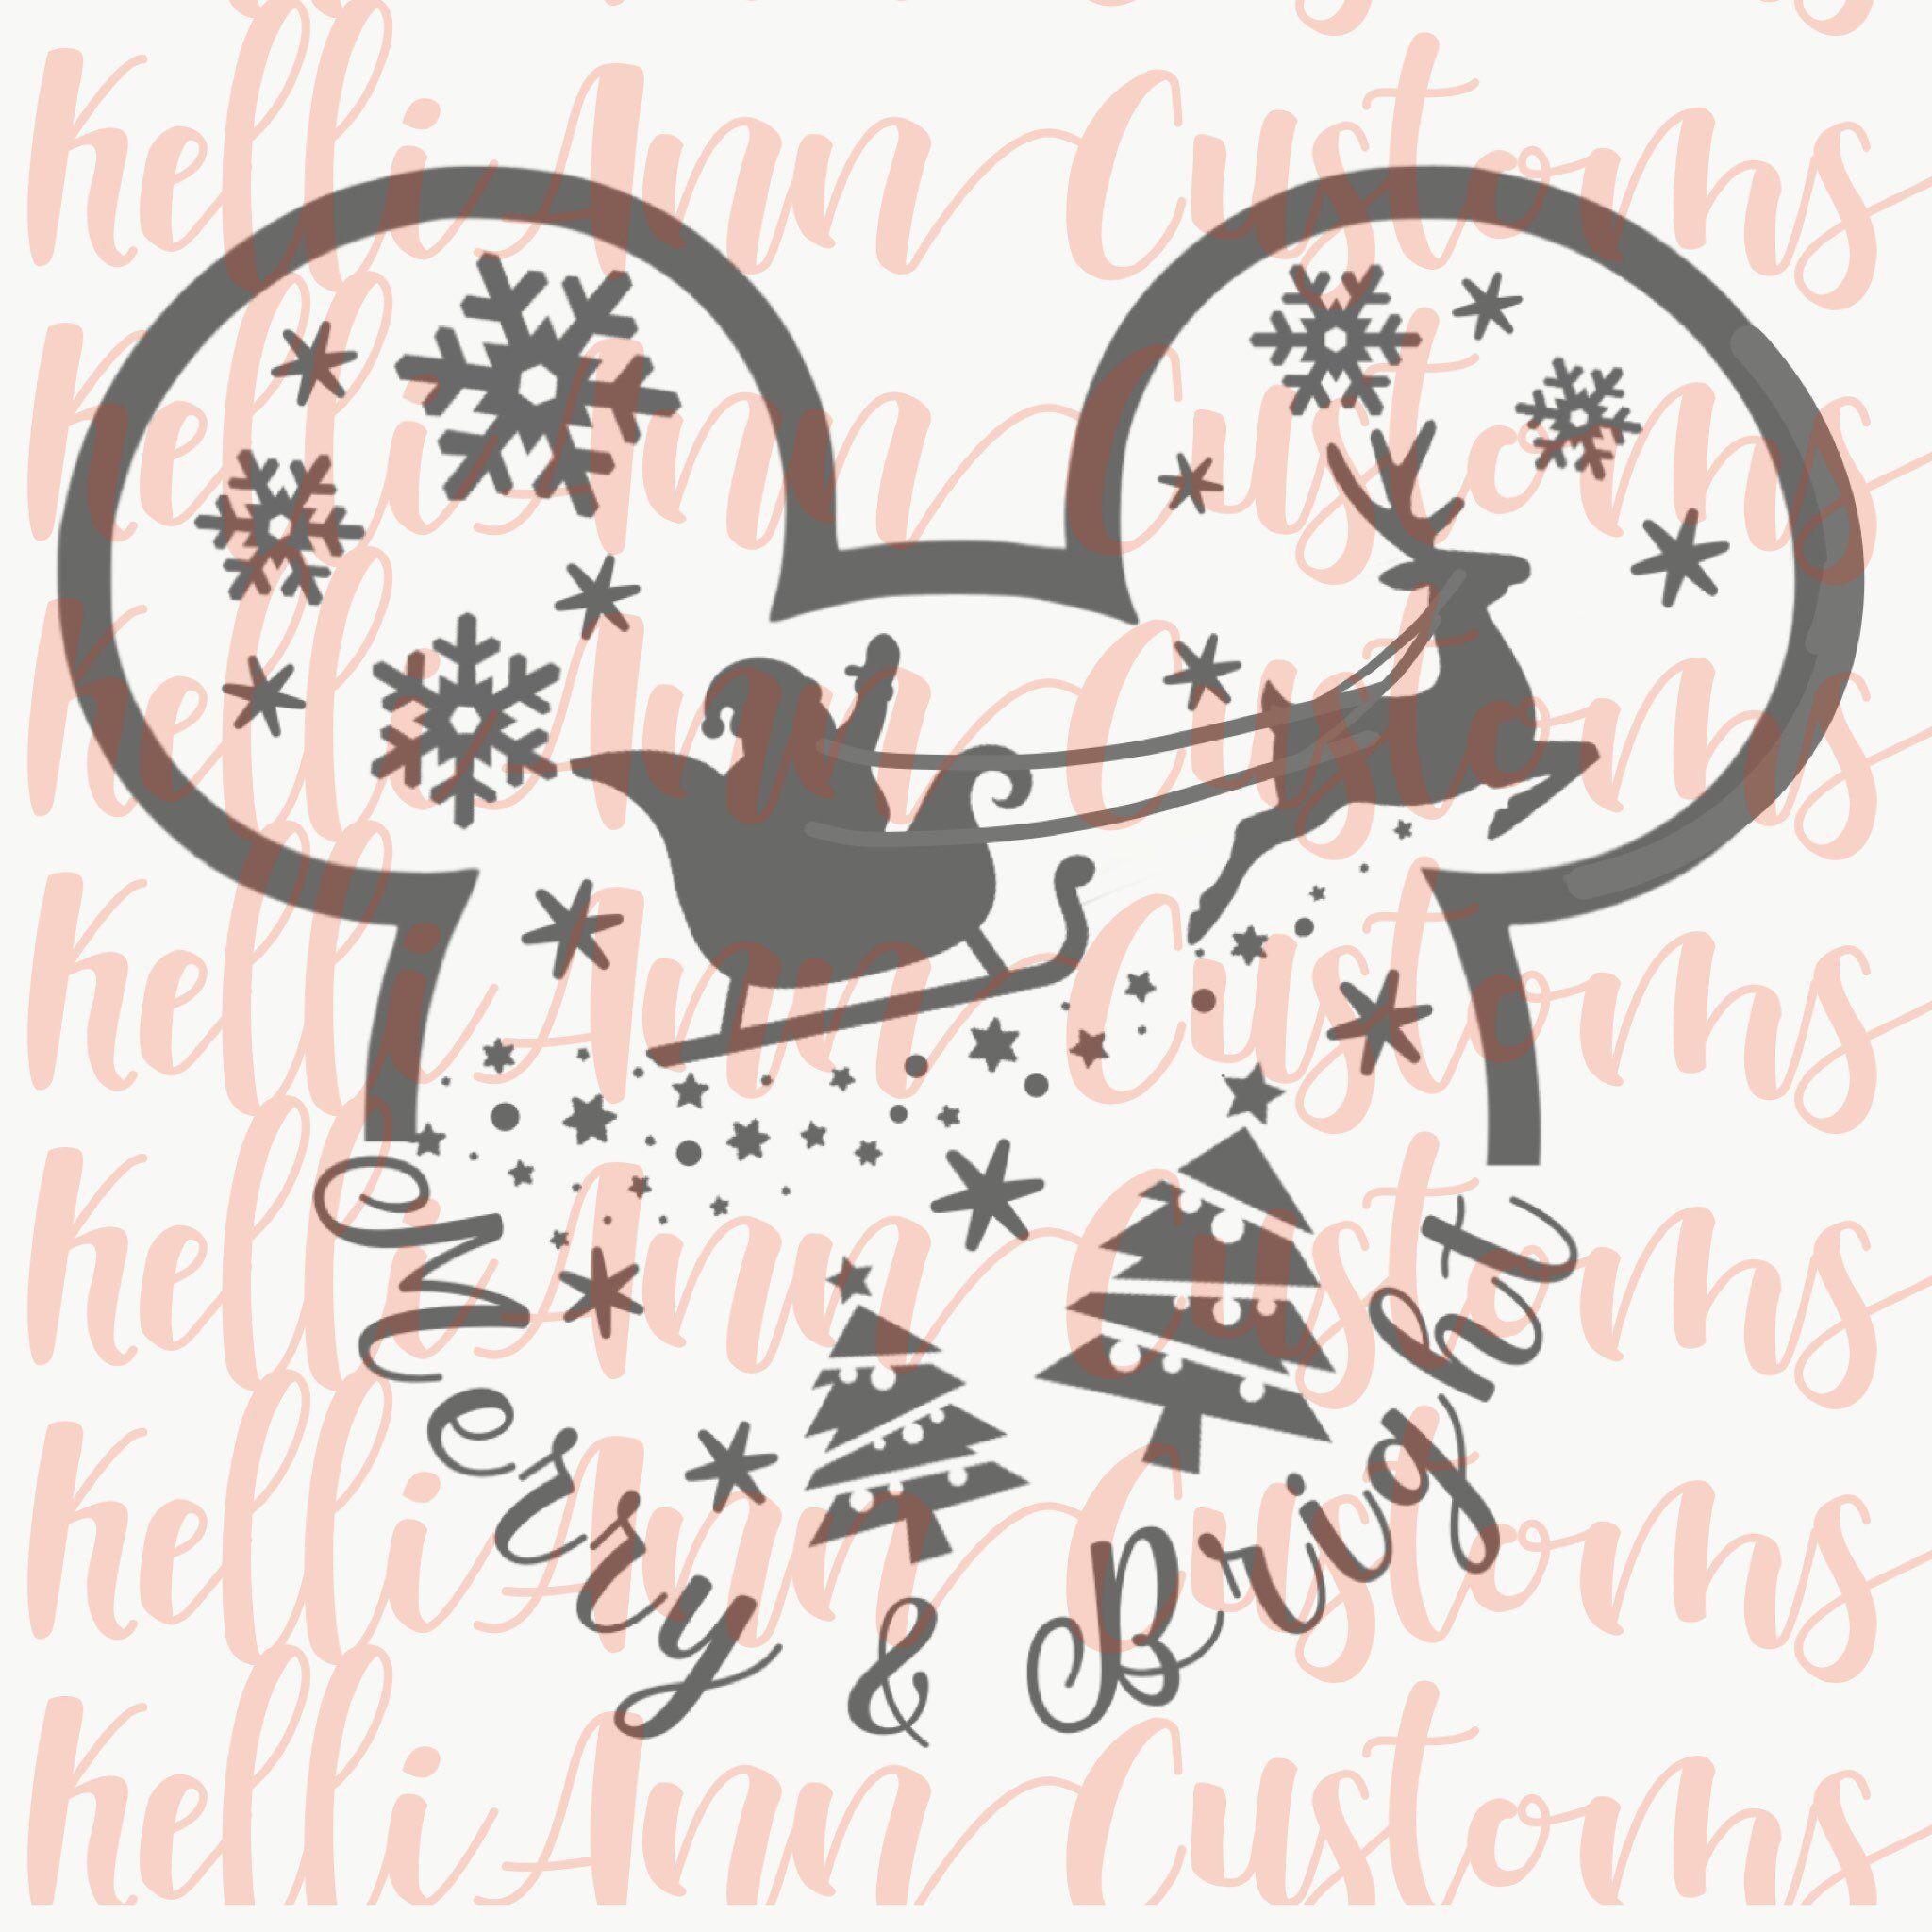 Pin by Lee Skeen on Disney | Pinterest | Disney christmas, Disney ...